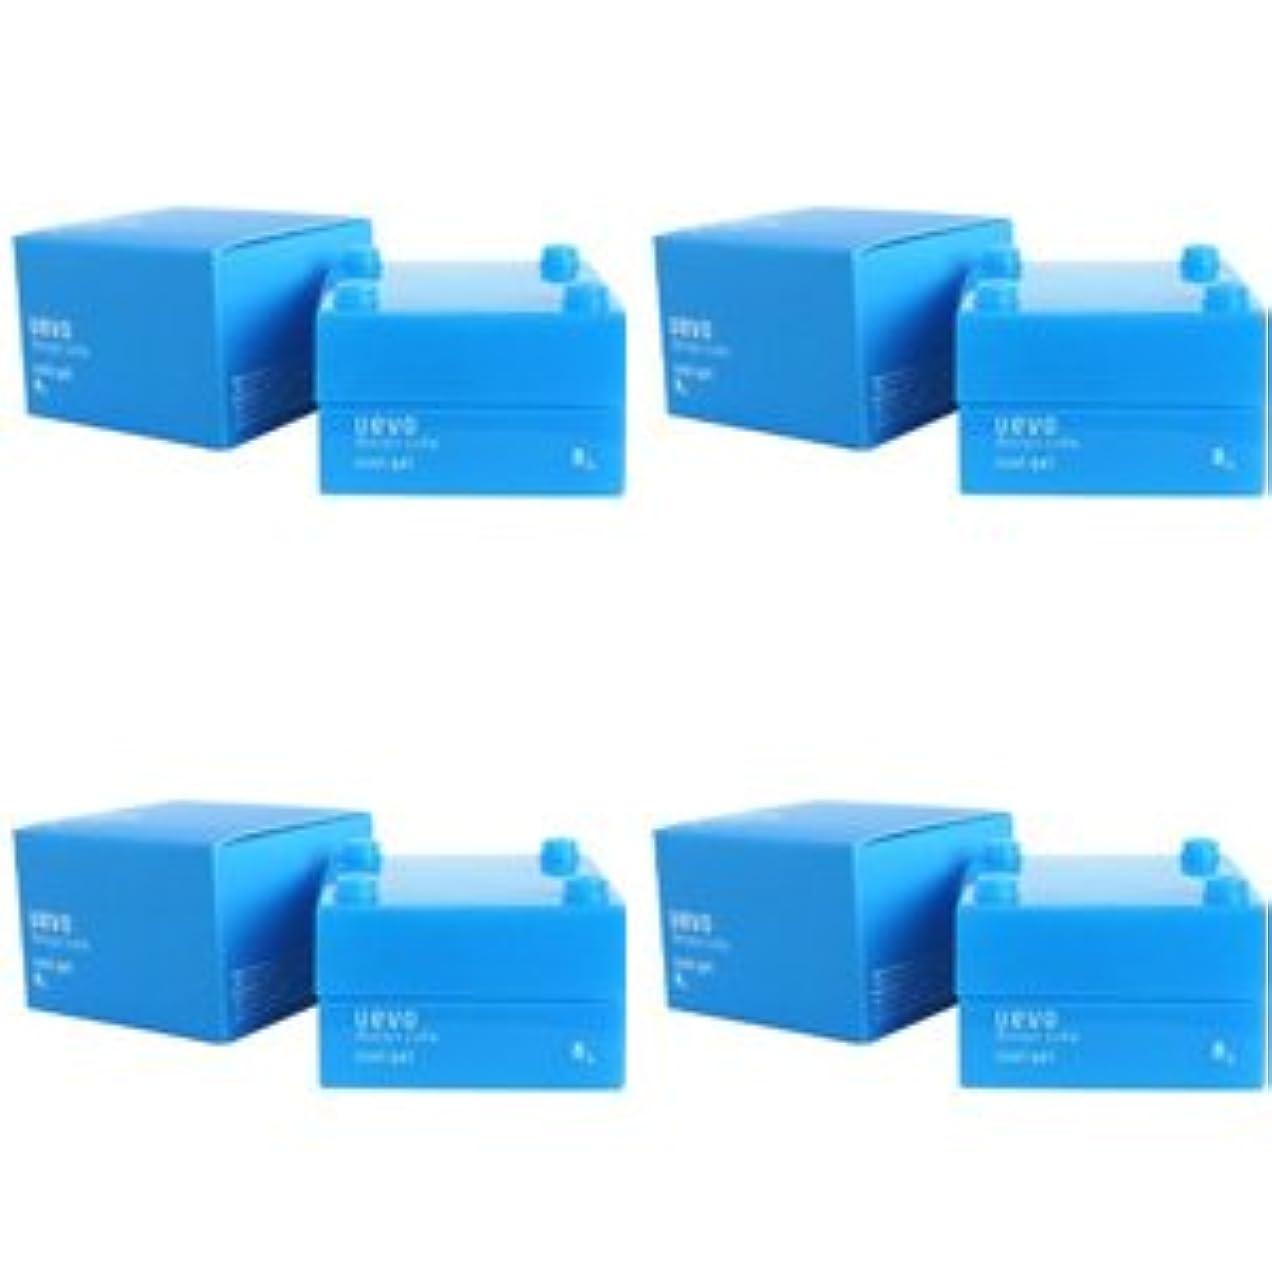 布犯人開始【X4個セット】 デミ ウェーボ デザインキューブ クールジェル 30g cool gel DEMI uevo design cube